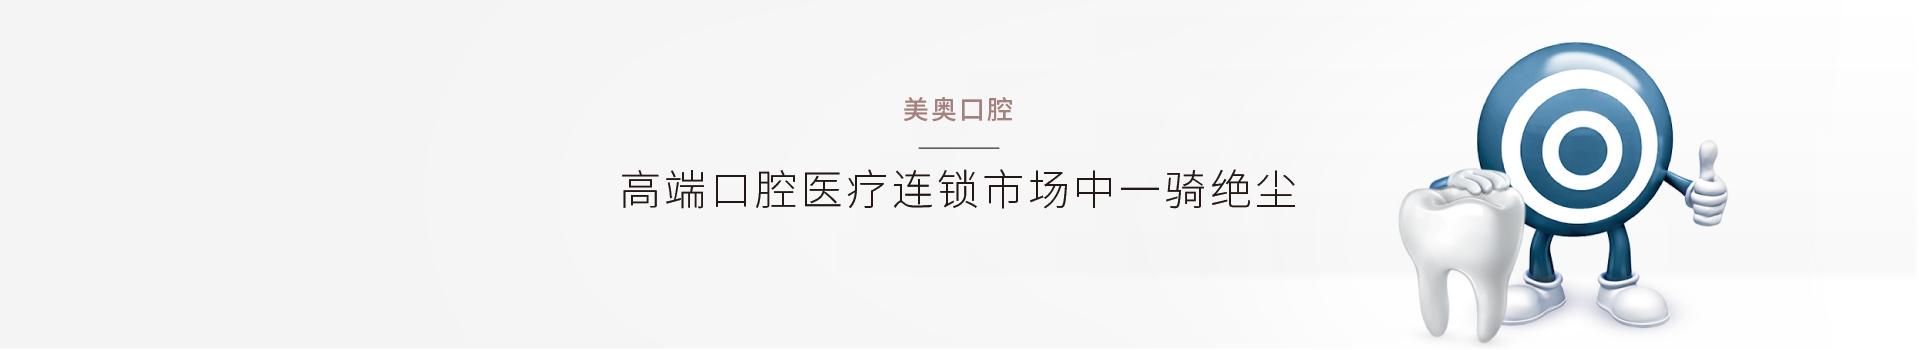 品牌策劃公司奇正(zheng)沐古通過市場調(diao)查和tuo)ying)銷咨詢,為美奧(ao)口腔(qiang)專門制(zhi)作(zuo)了品牌定位策劃方案,我們是一家以品牌定位策劃與(yu)營(ying)銷戰略咨詢為核心的營(ying)銷策劃公司,為企(qi)業提供營(ying)銷咨詢、品牌咨詢服務及品牌規(gui)劃服務的機構